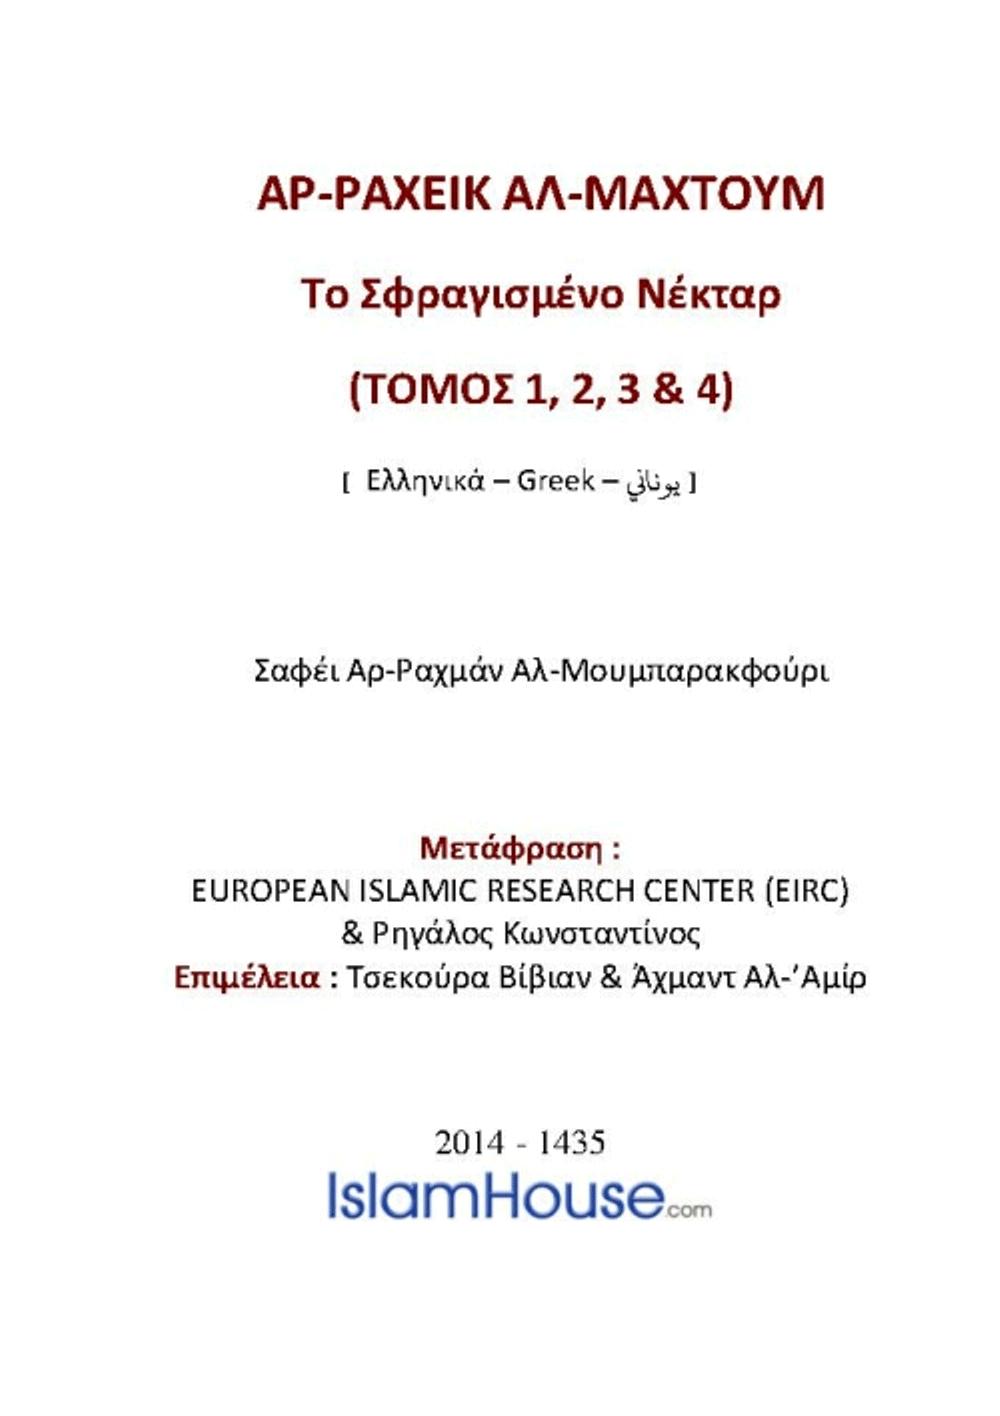 ΑΡ-ΡΑΧΕΙΚ ΑΛ-ΜΑΧΤΟΥΜ ΤΟ ΣΦΡΑΓΙΣΜΕΝΟ ΝΕΚΤΑΡ